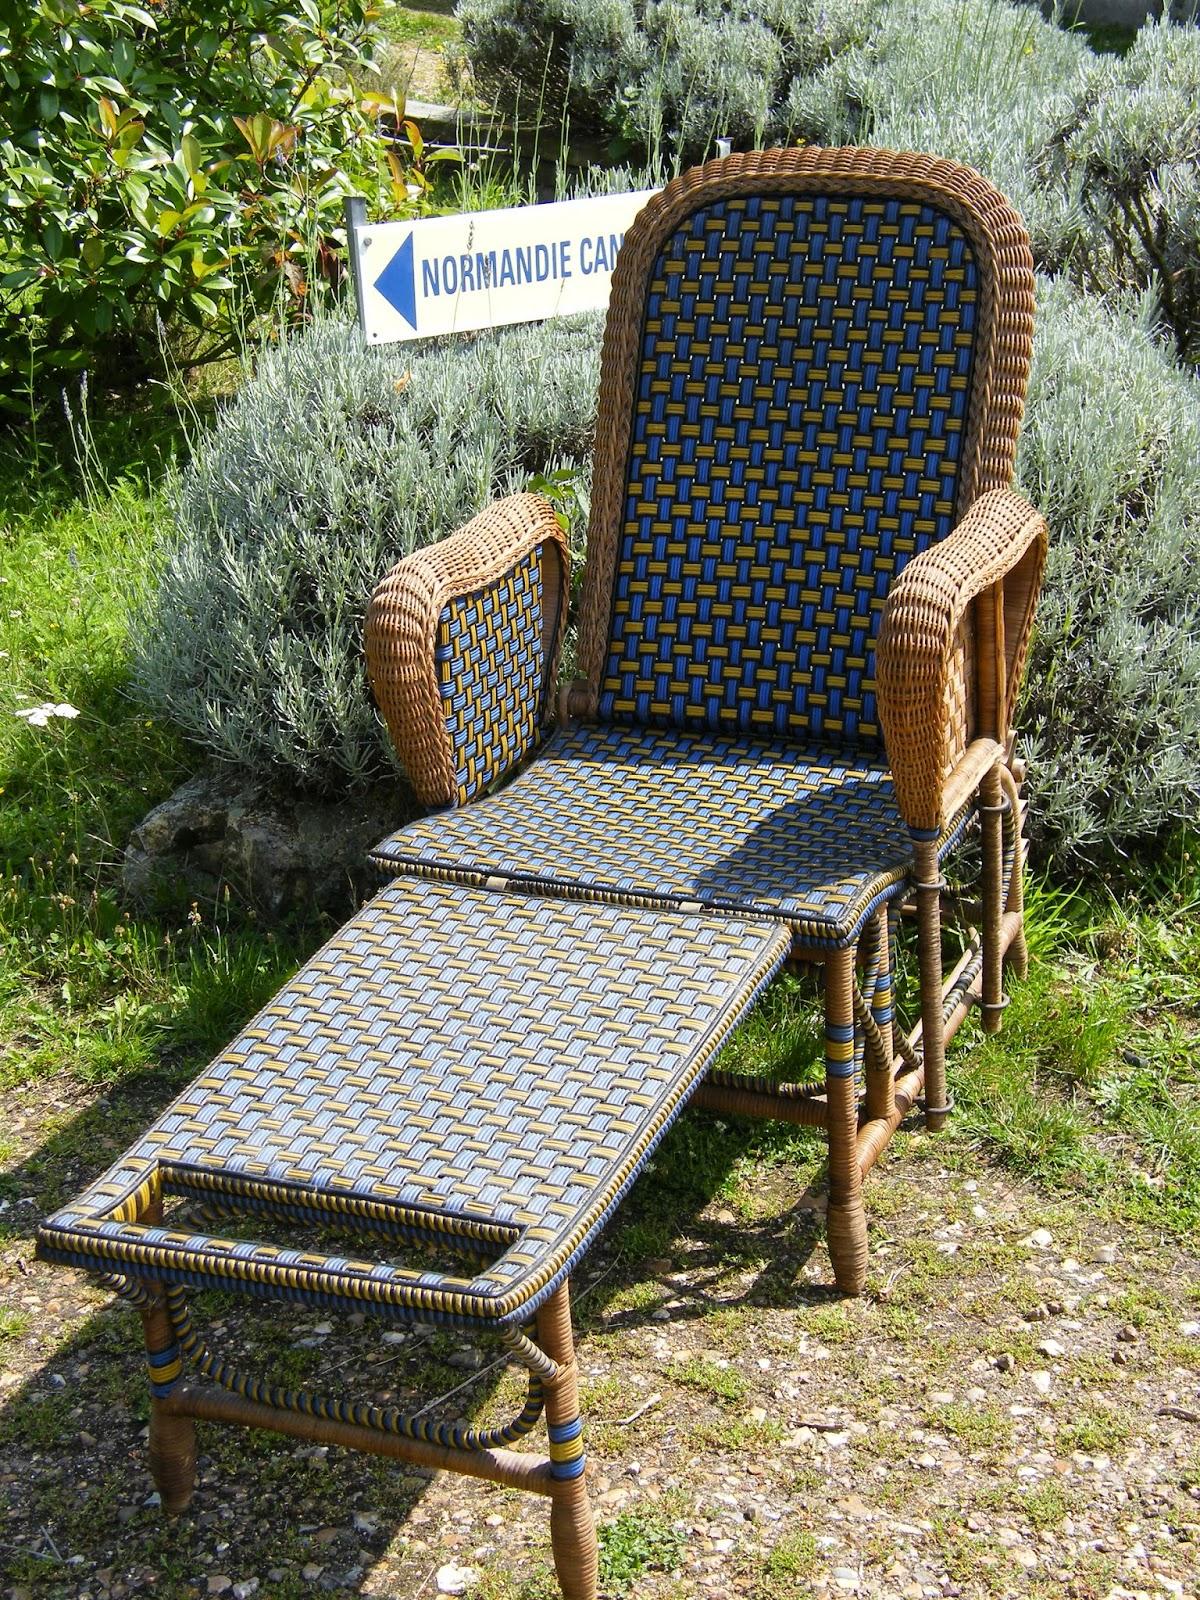 normandie cannage une chaise longue en rotin en couleur. Black Bedroom Furniture Sets. Home Design Ideas